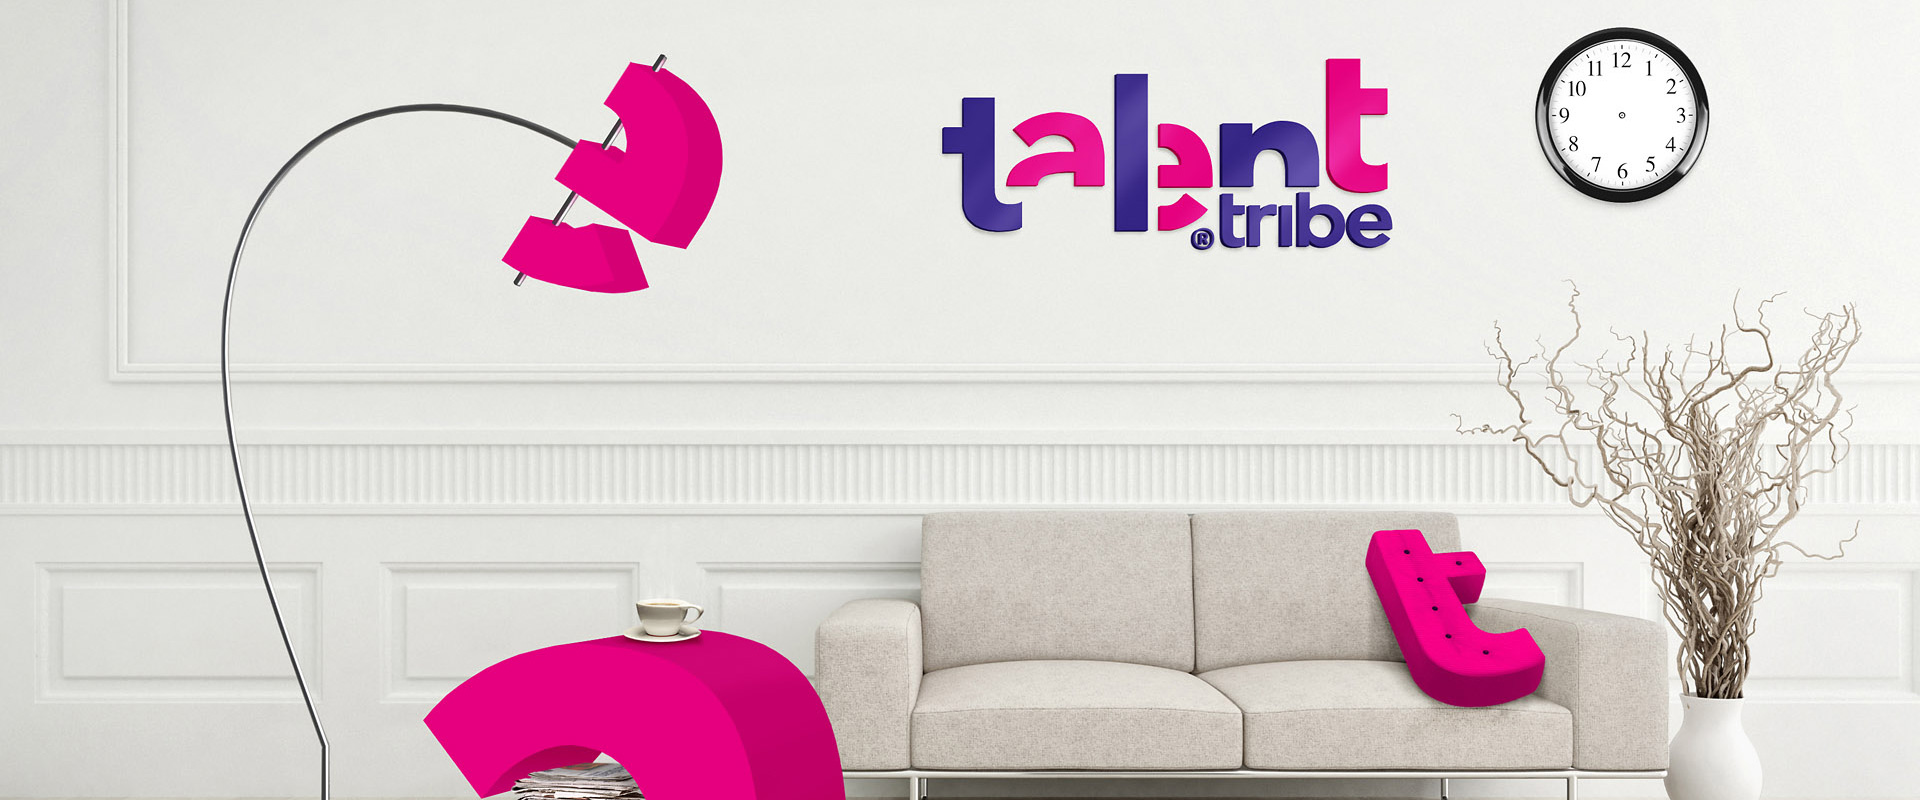 talent-tribe_key-visual_1920x800